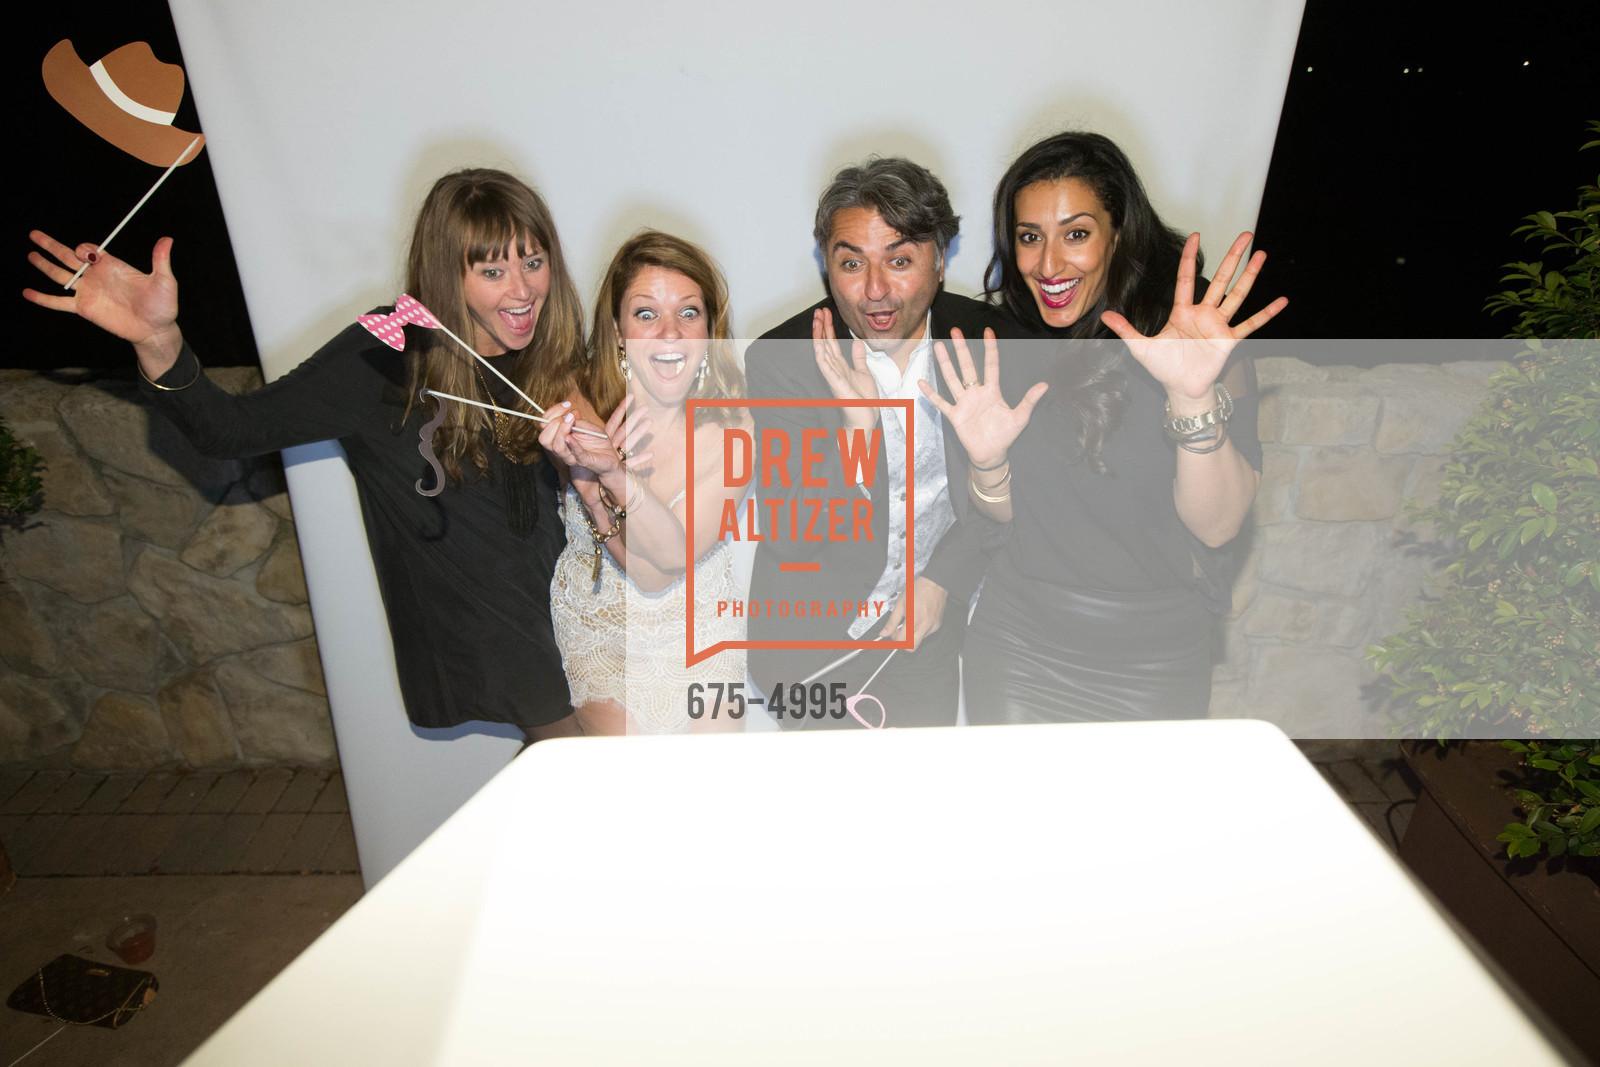 Caitlin Bowman, Malia Hill, Hooman Khalili, Sara Agah, Photo #675-4995